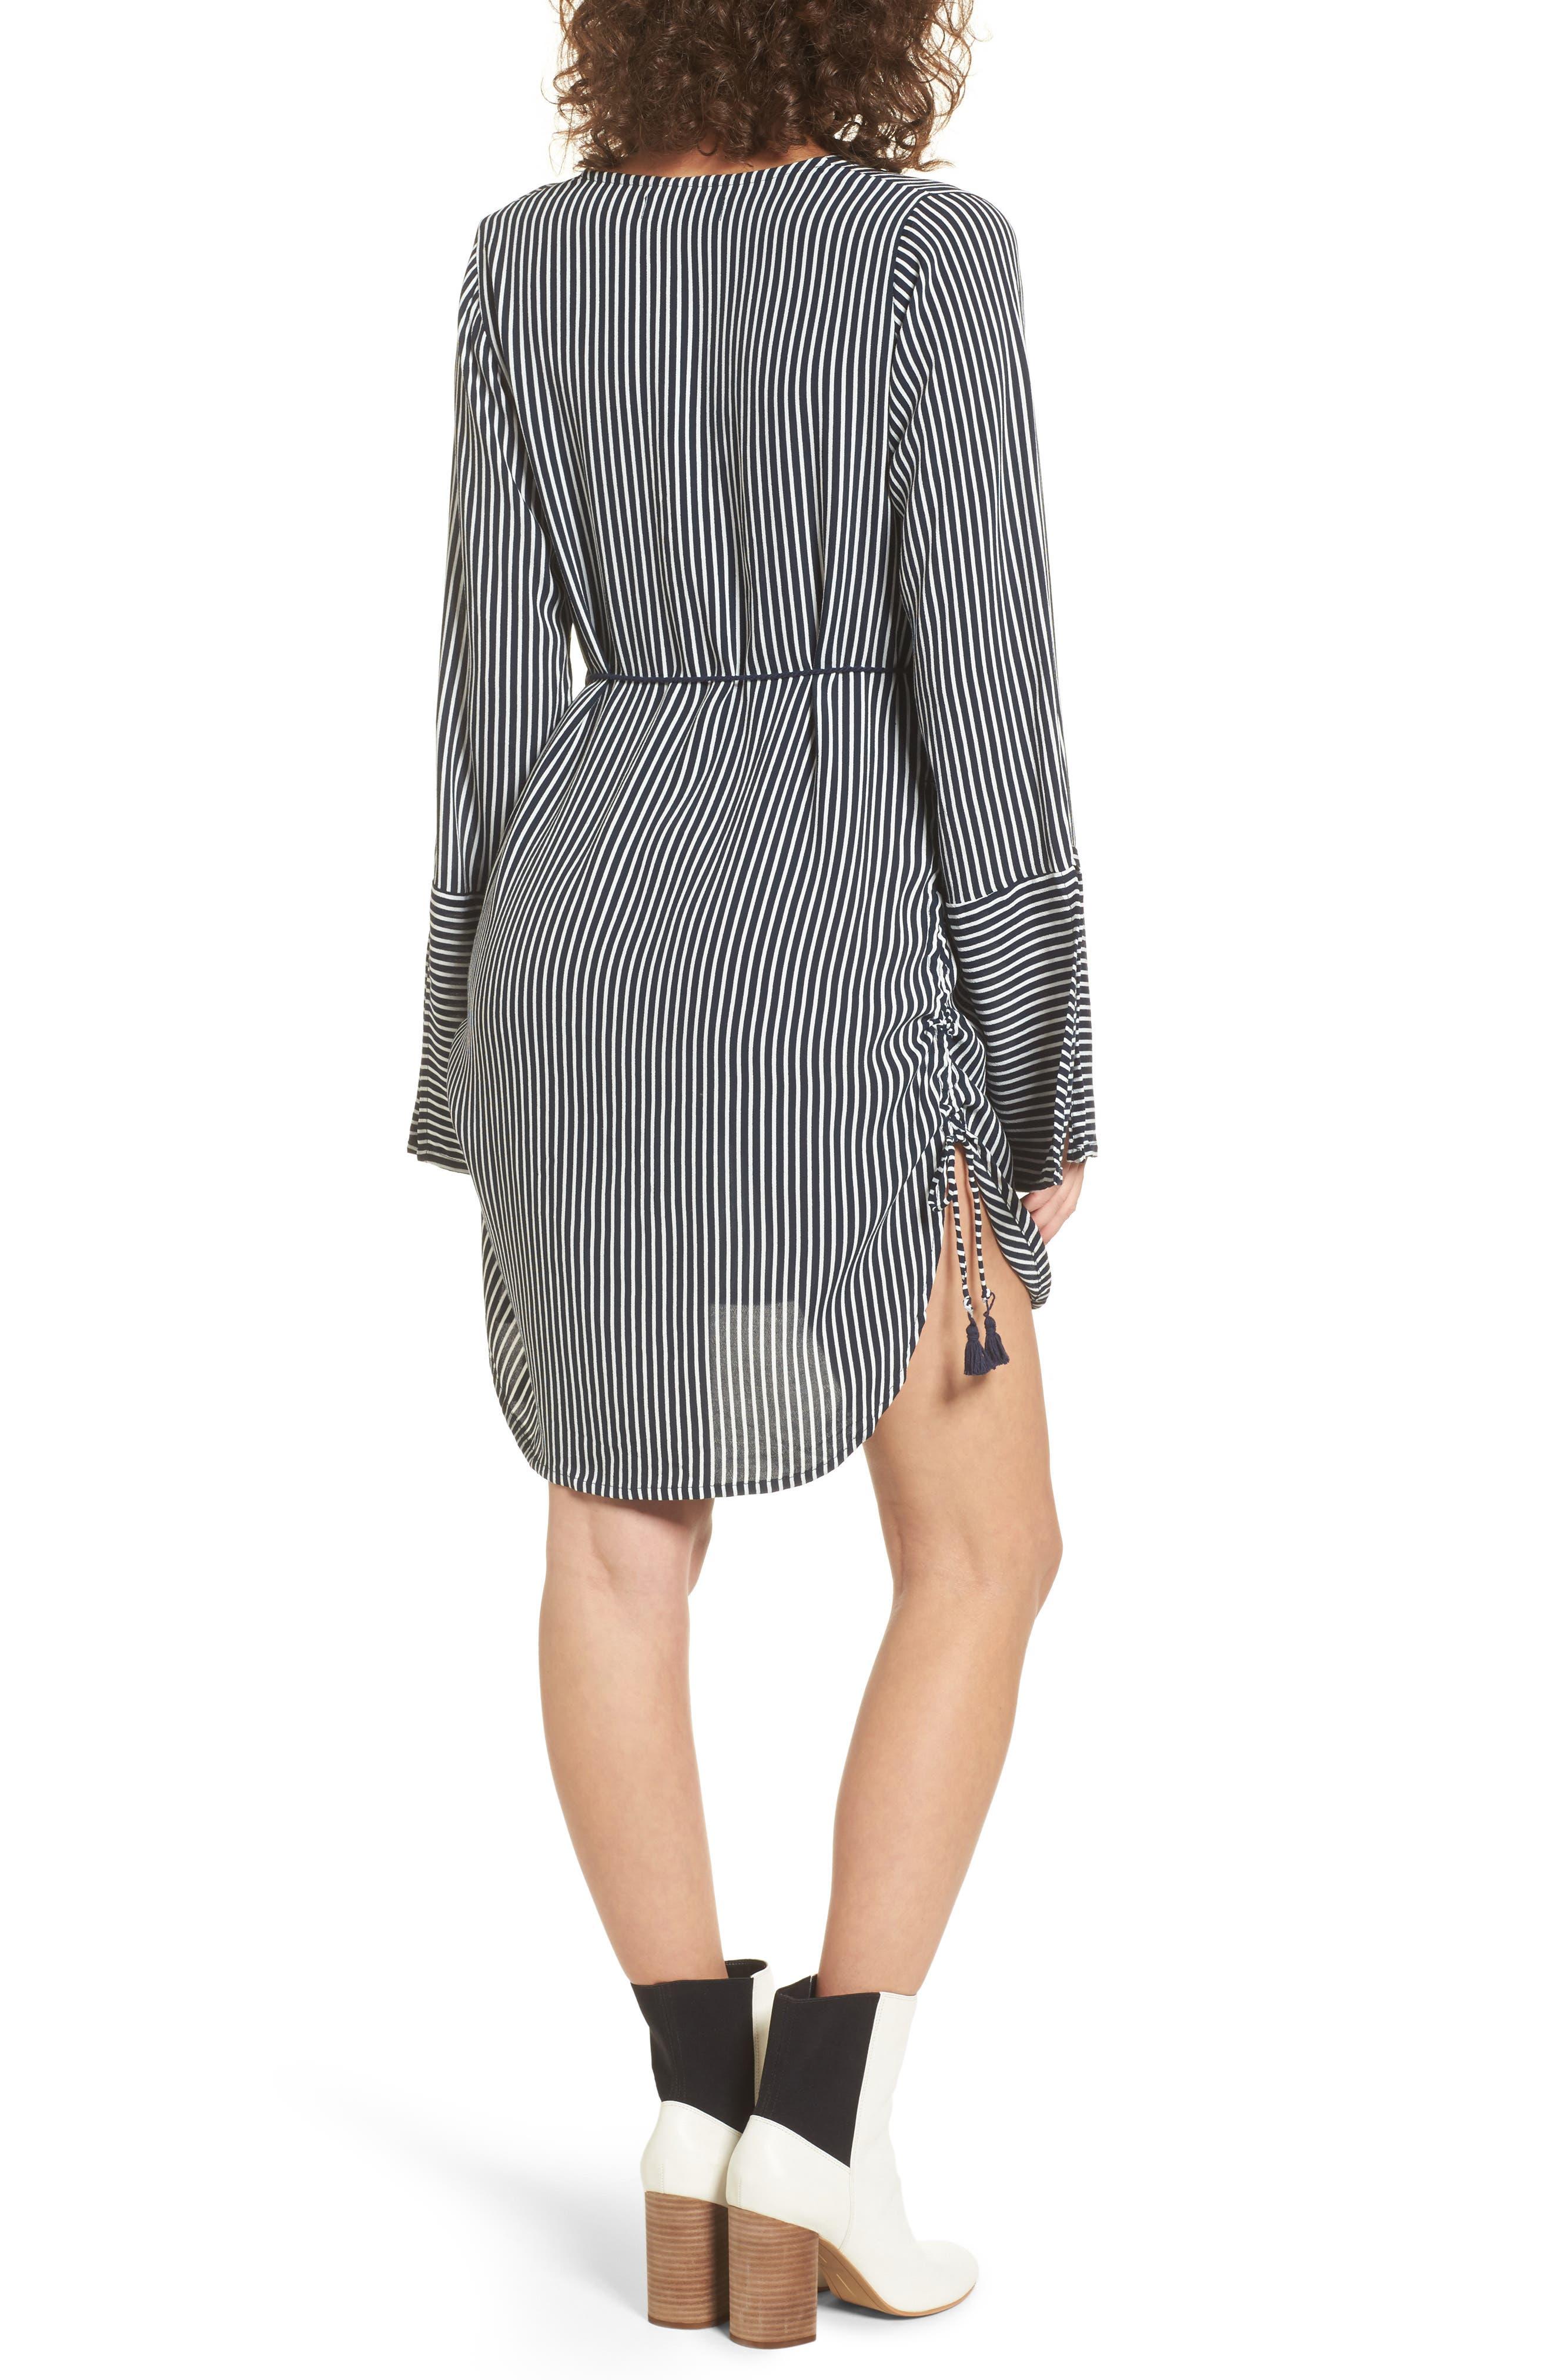 Neroli Stripe Dress,                             Alternate thumbnail 2, color,                             400